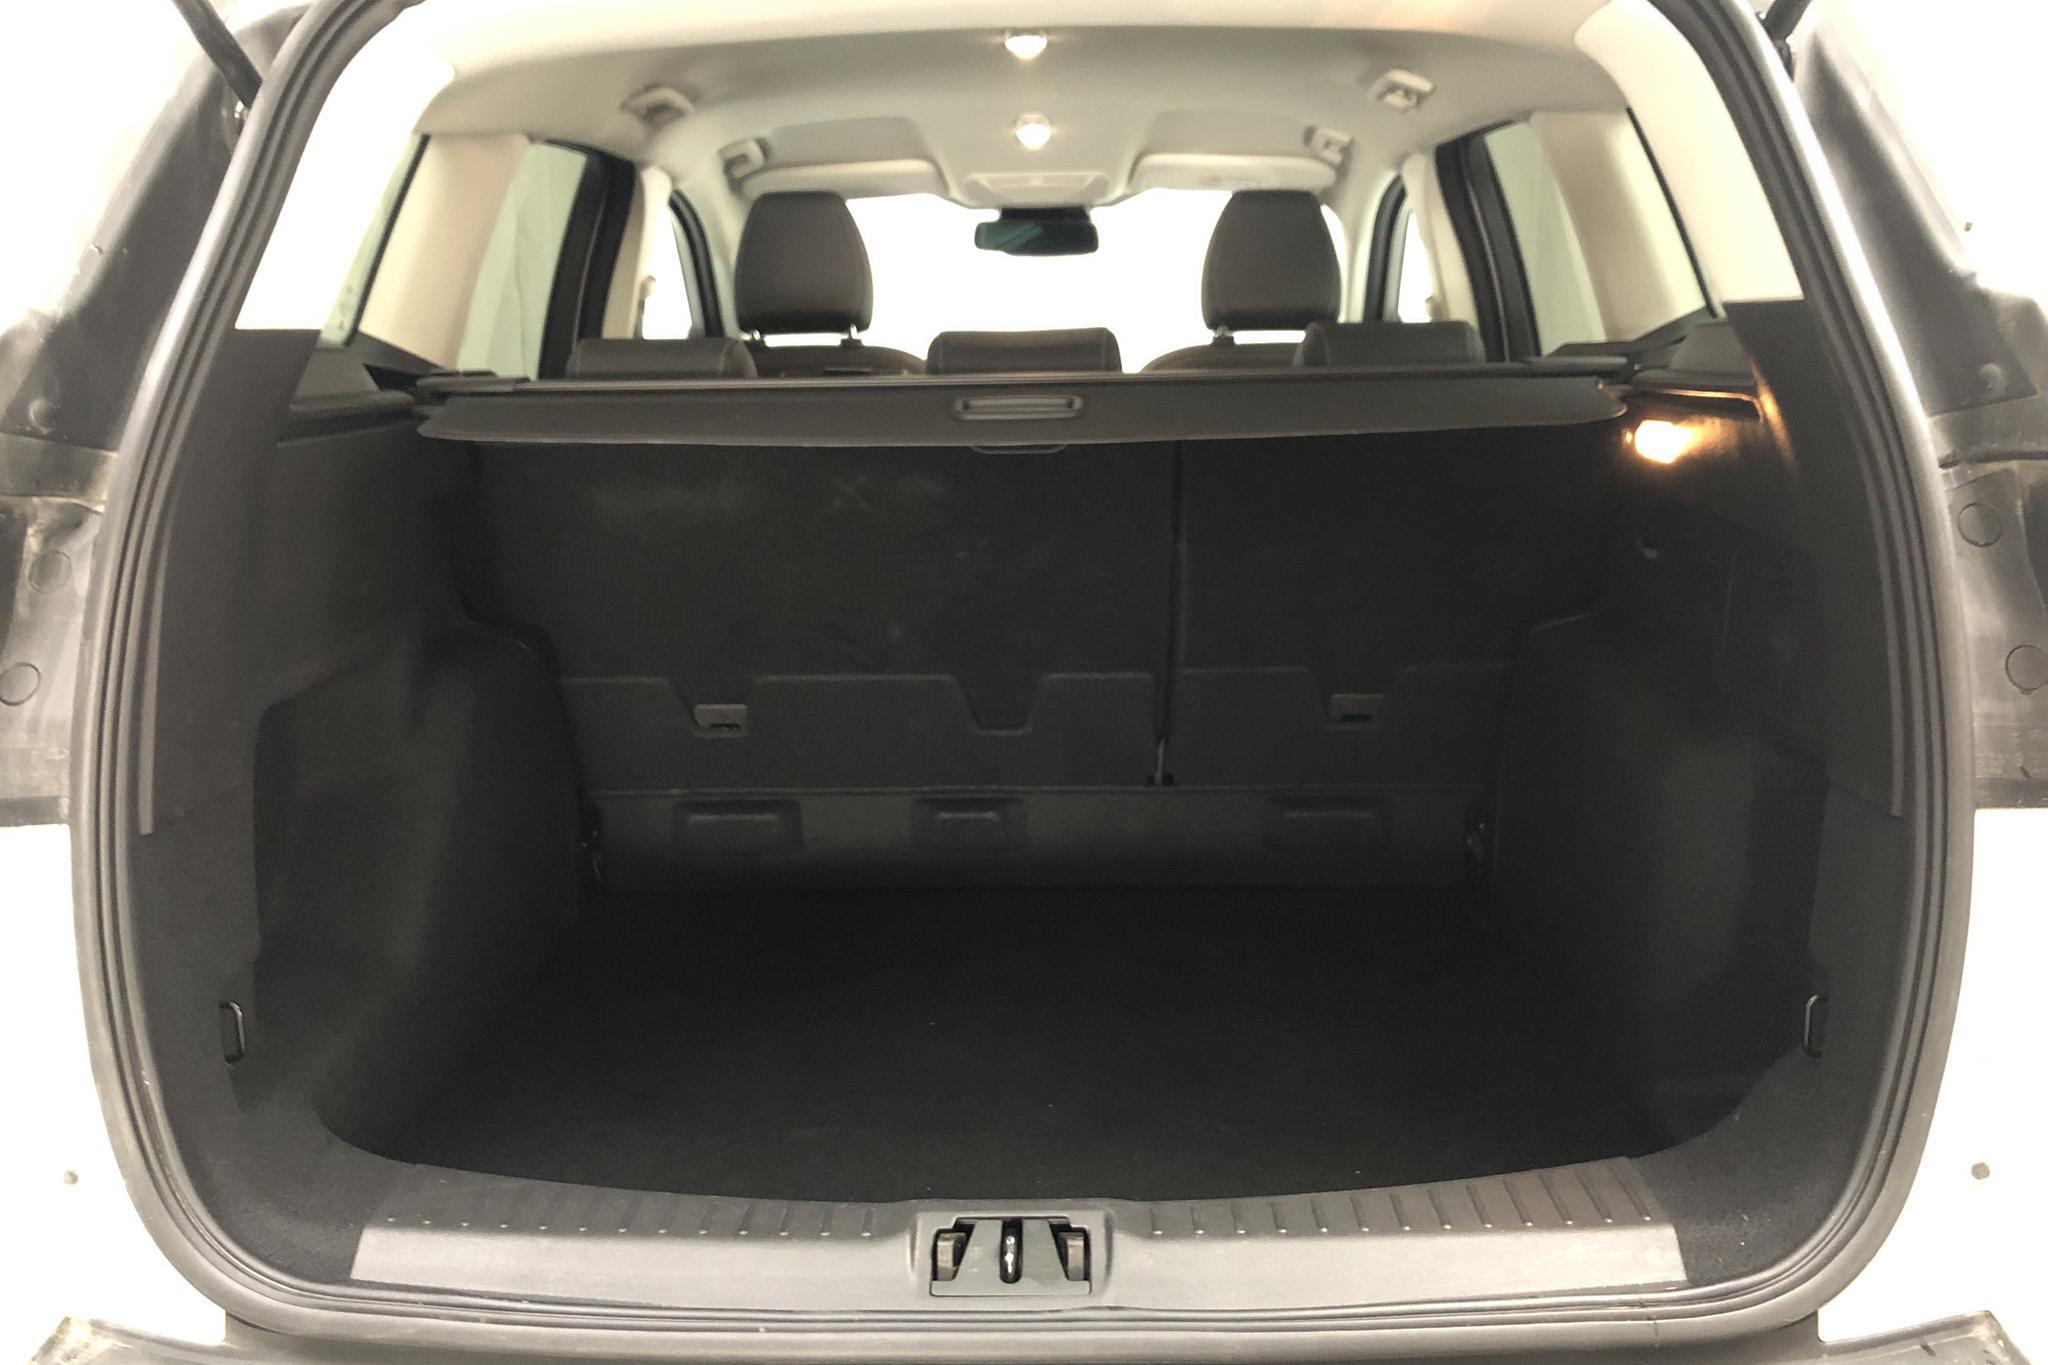 Ford Kuga 1.5 TDCi 2WD (120hk) - 8 158 mil - Automat - vit - 2018